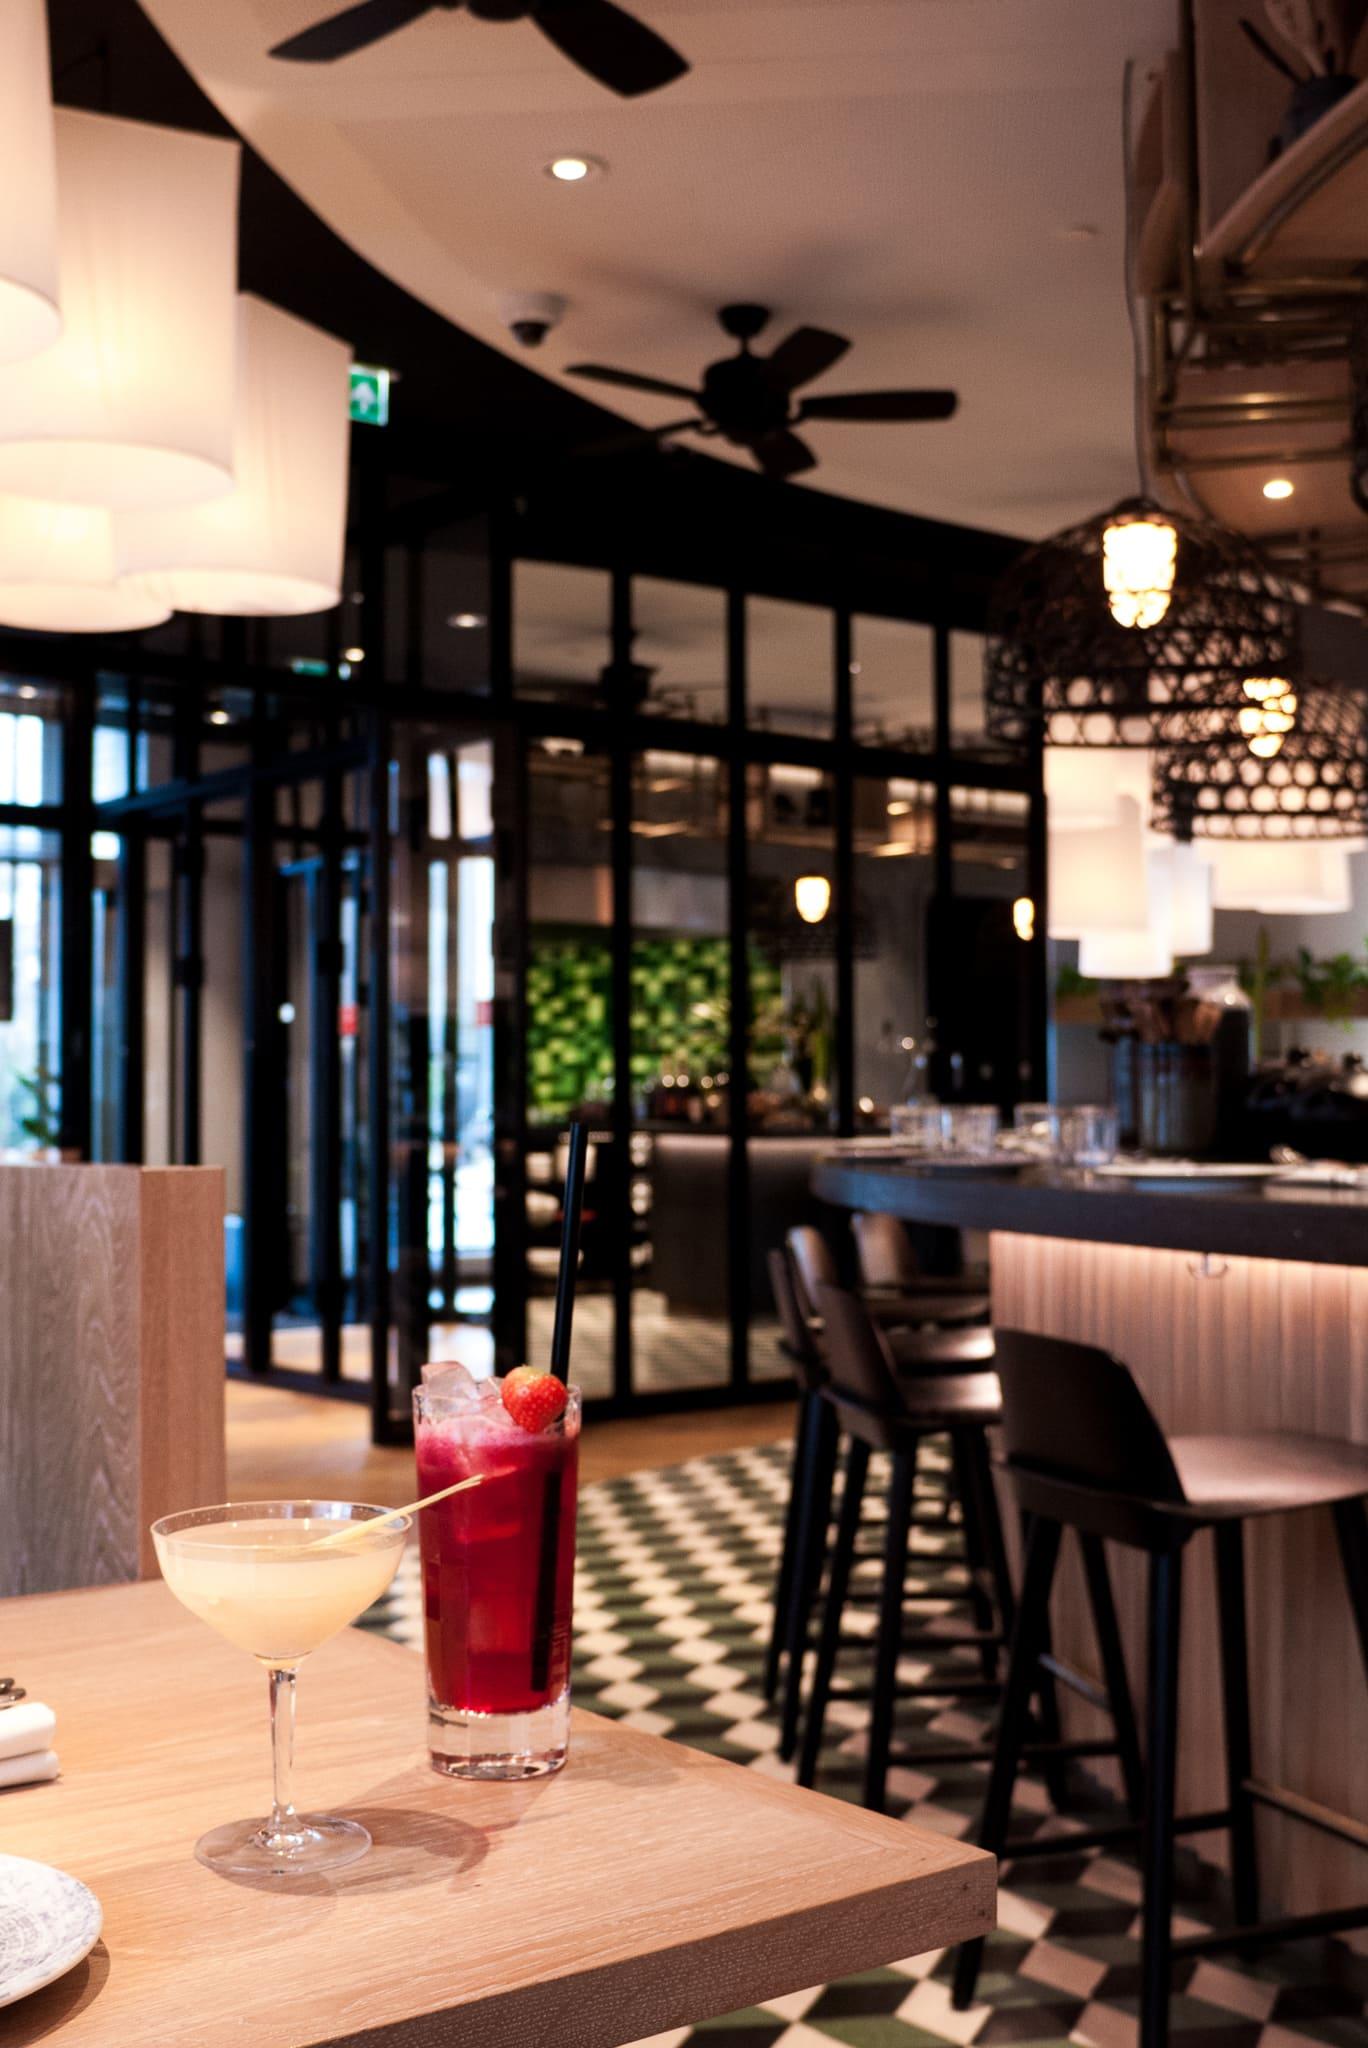 mama makan culinessa - Restaurant Mama makan – Indonesisch uit eten in Amsterdam